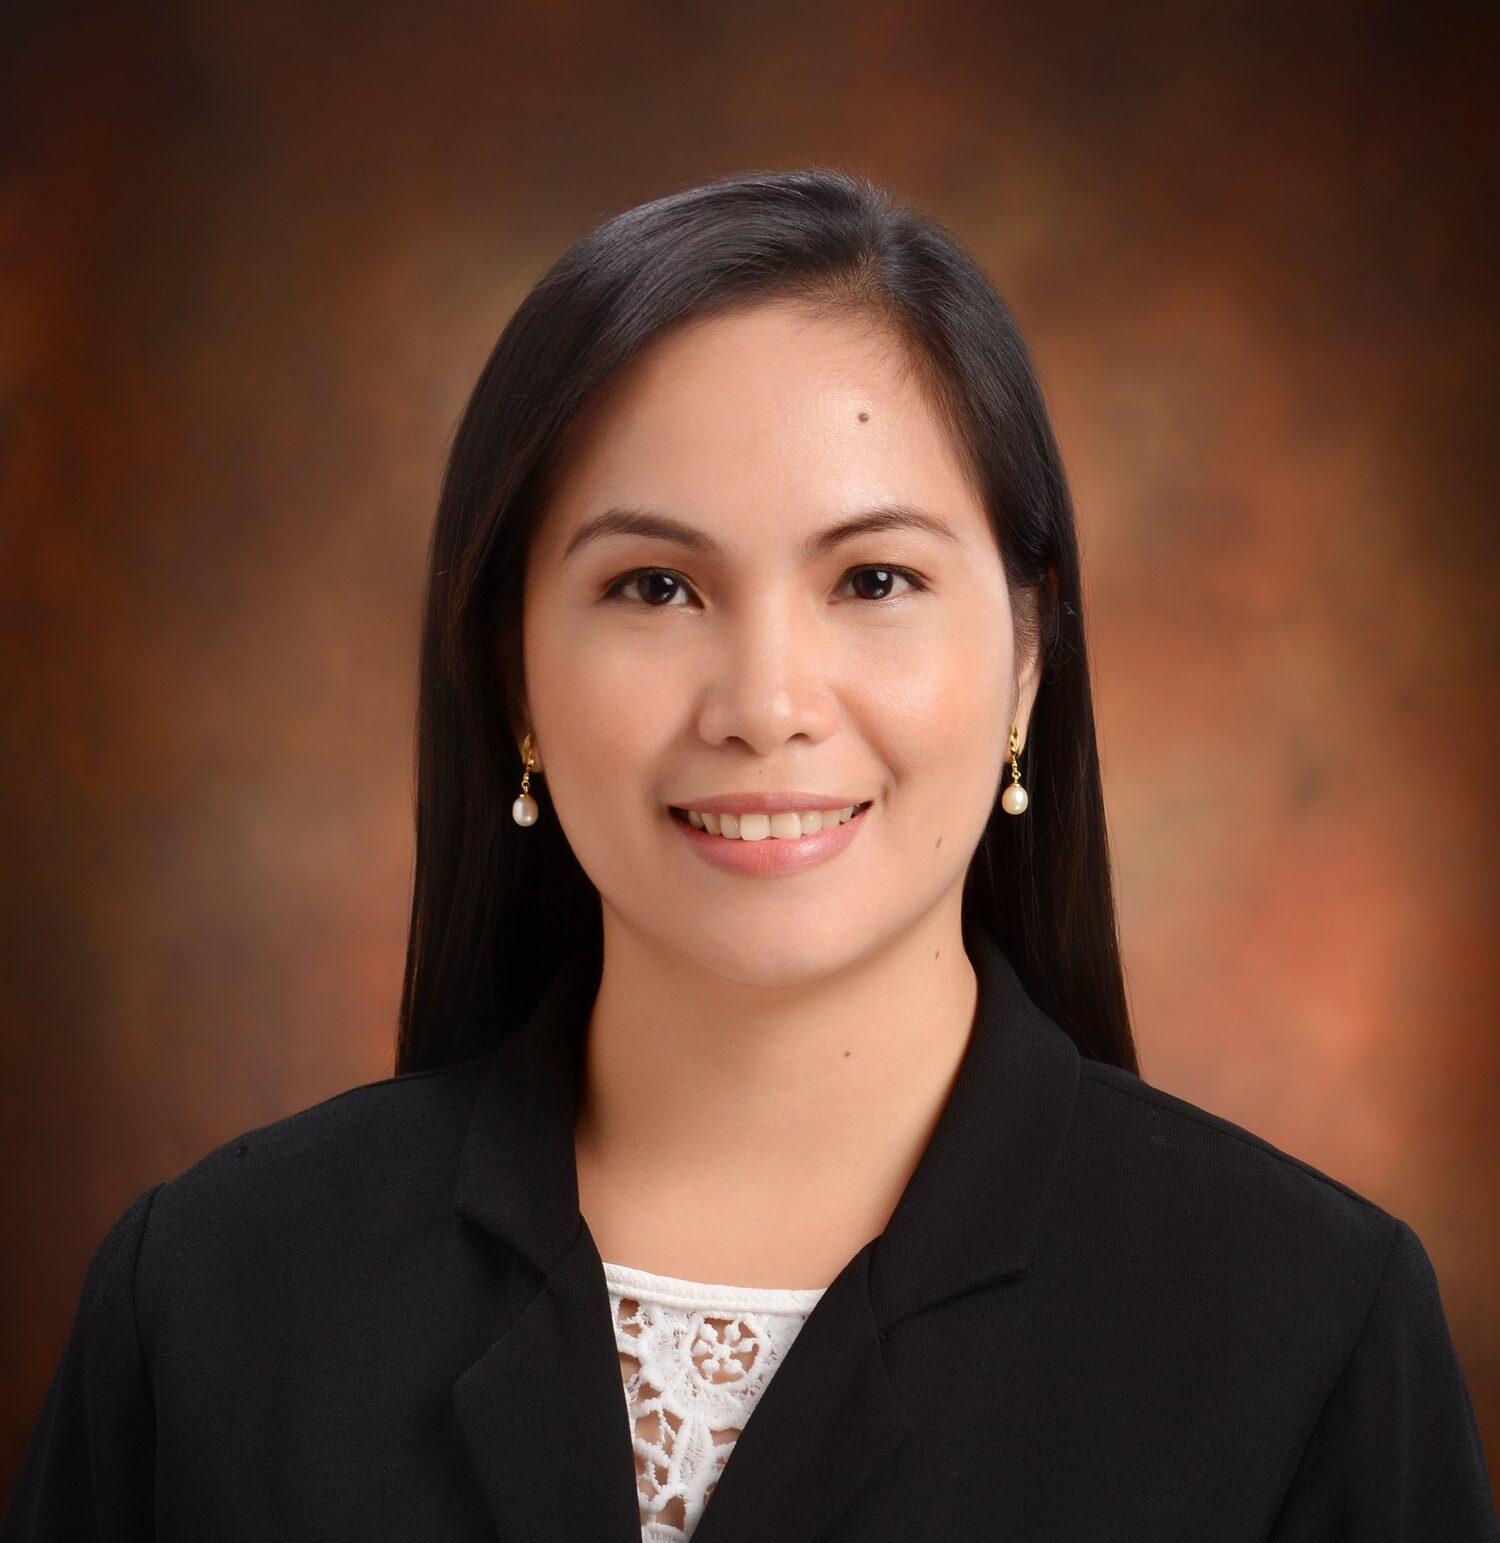 Manilene Labajo